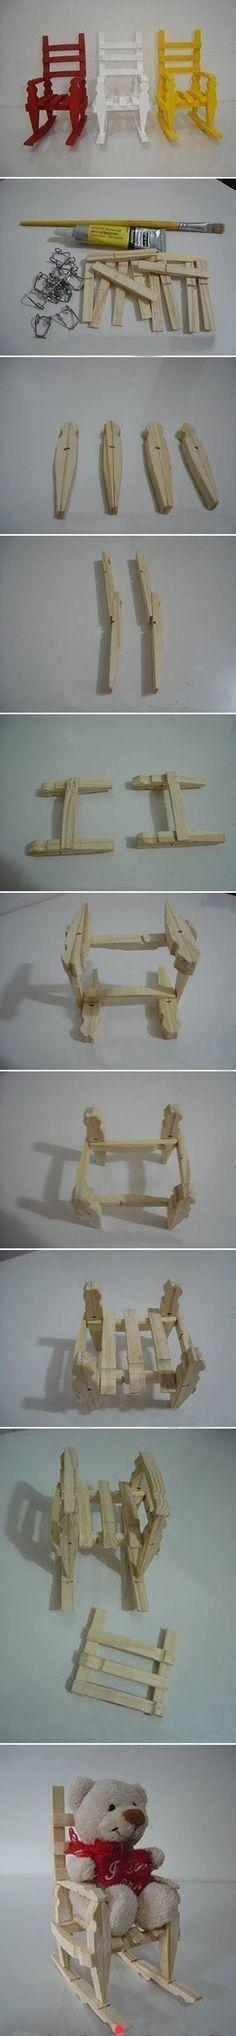 Pequenas cadeiras feitas com pregadores de roupas de madeira